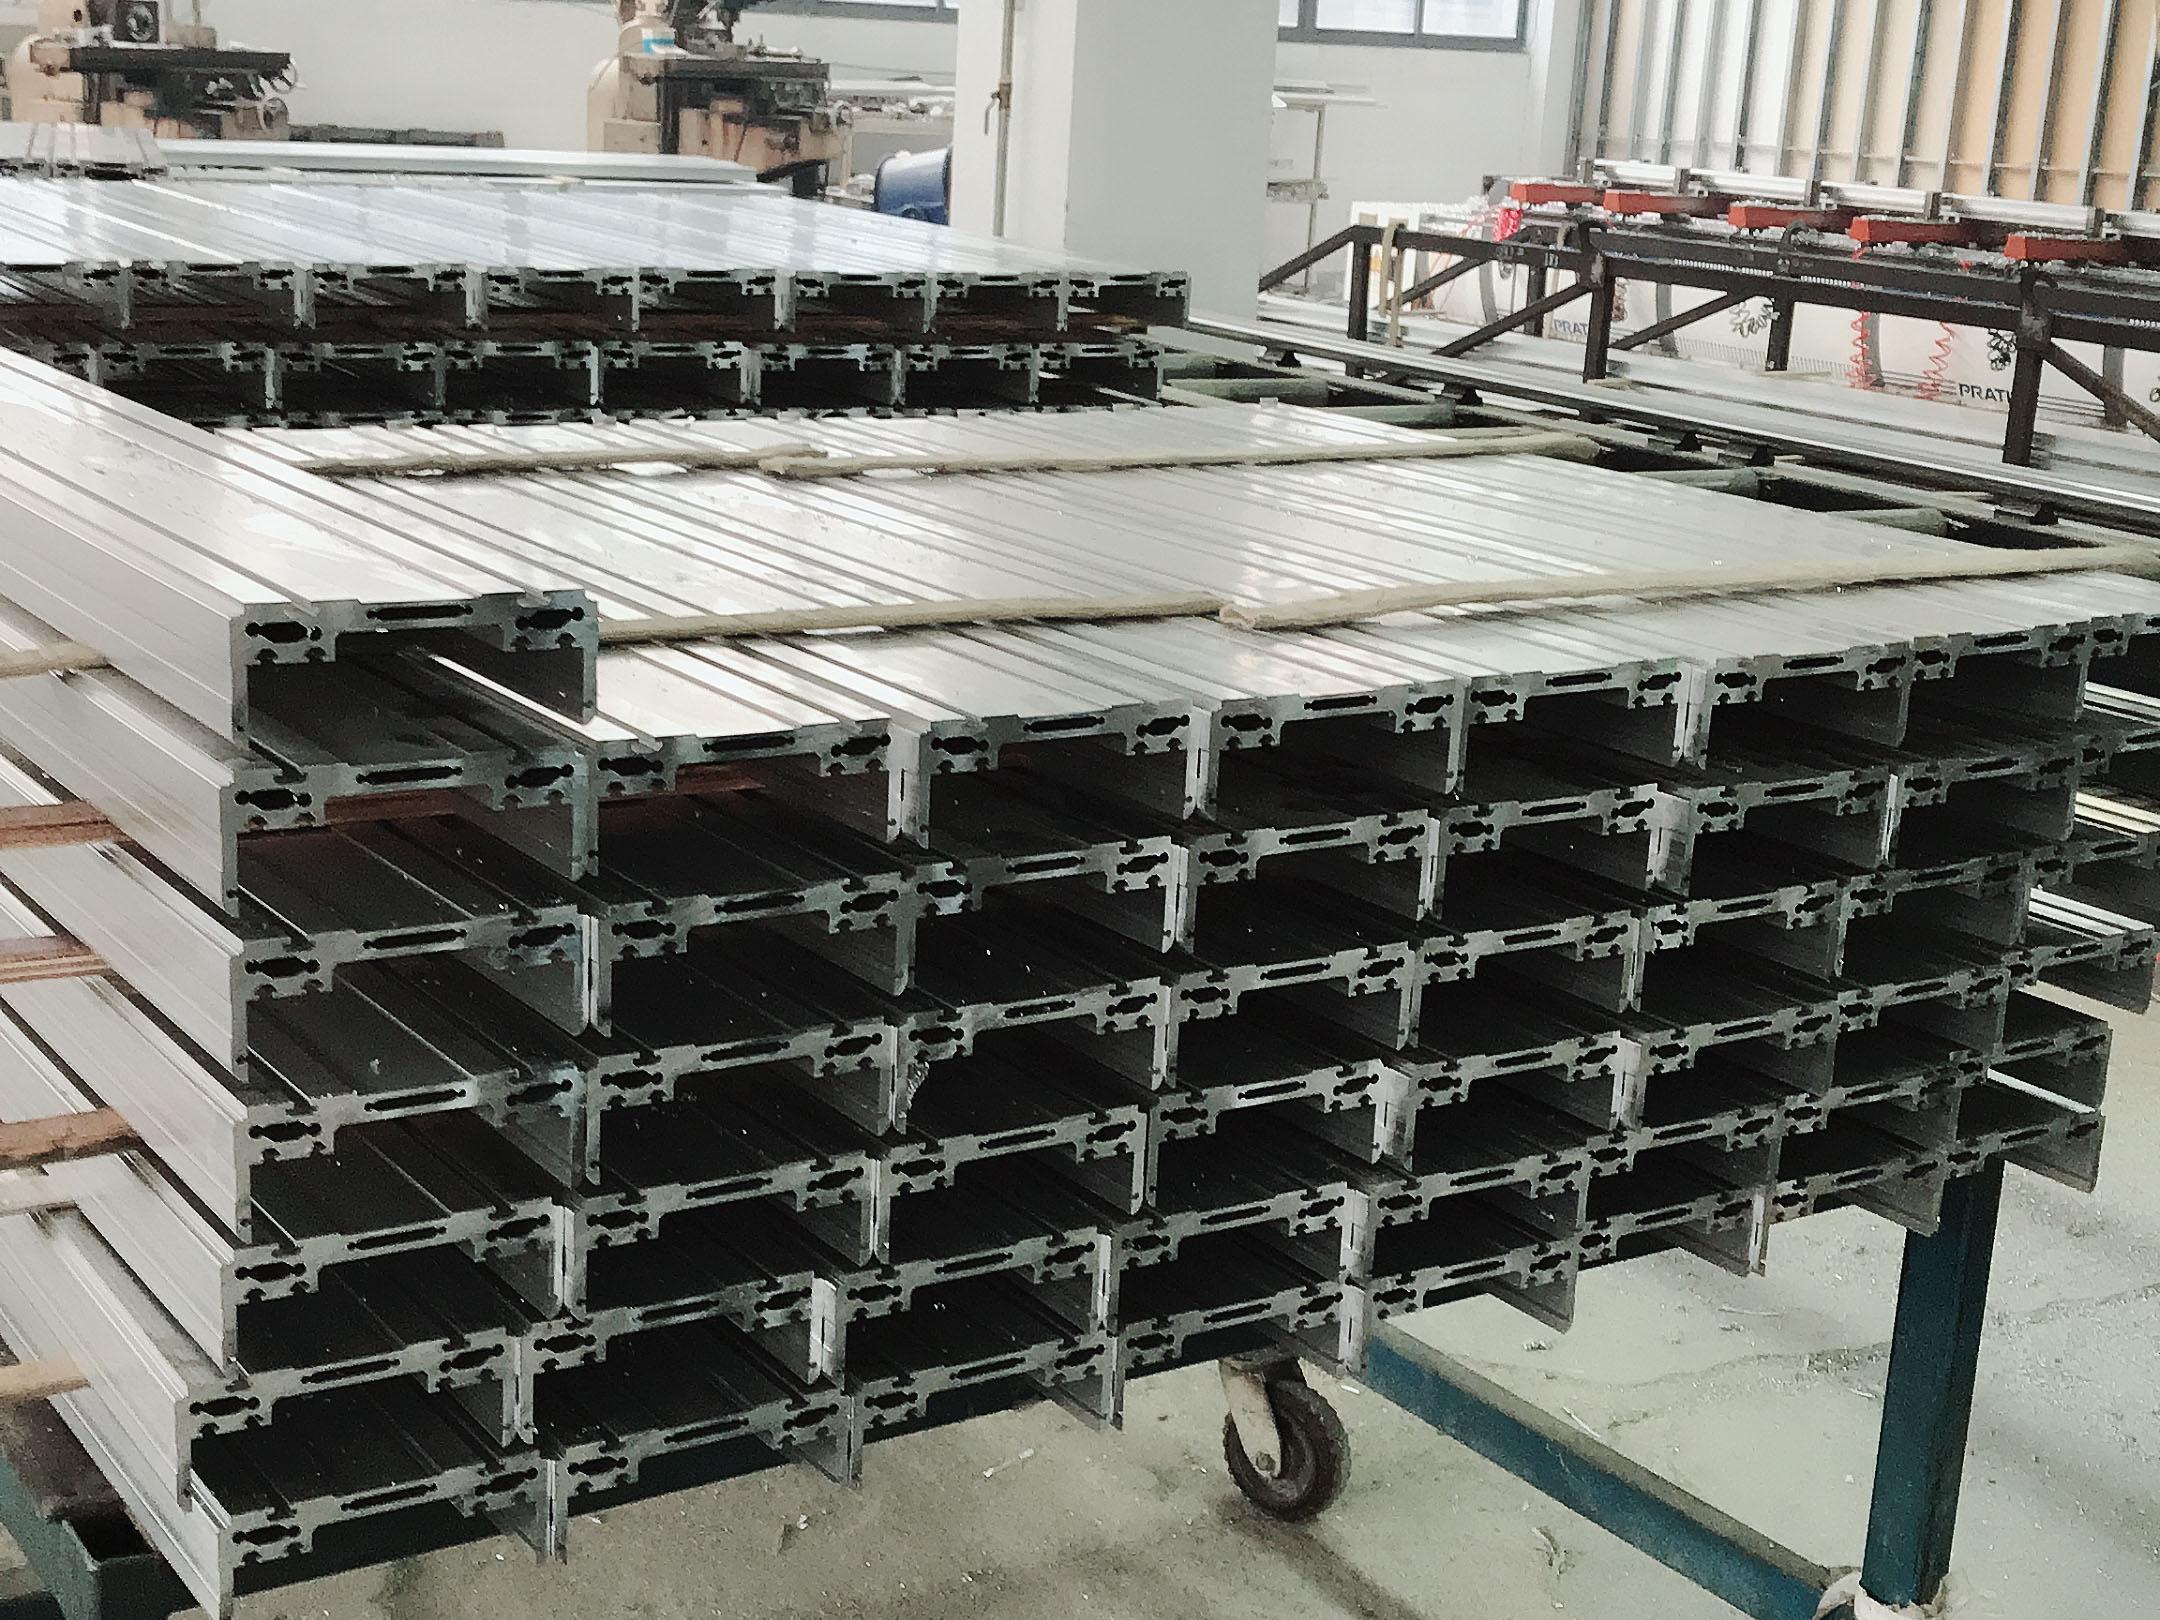 直线模组铝型材cnc加工 锯切 打孔 攻丝 铣切